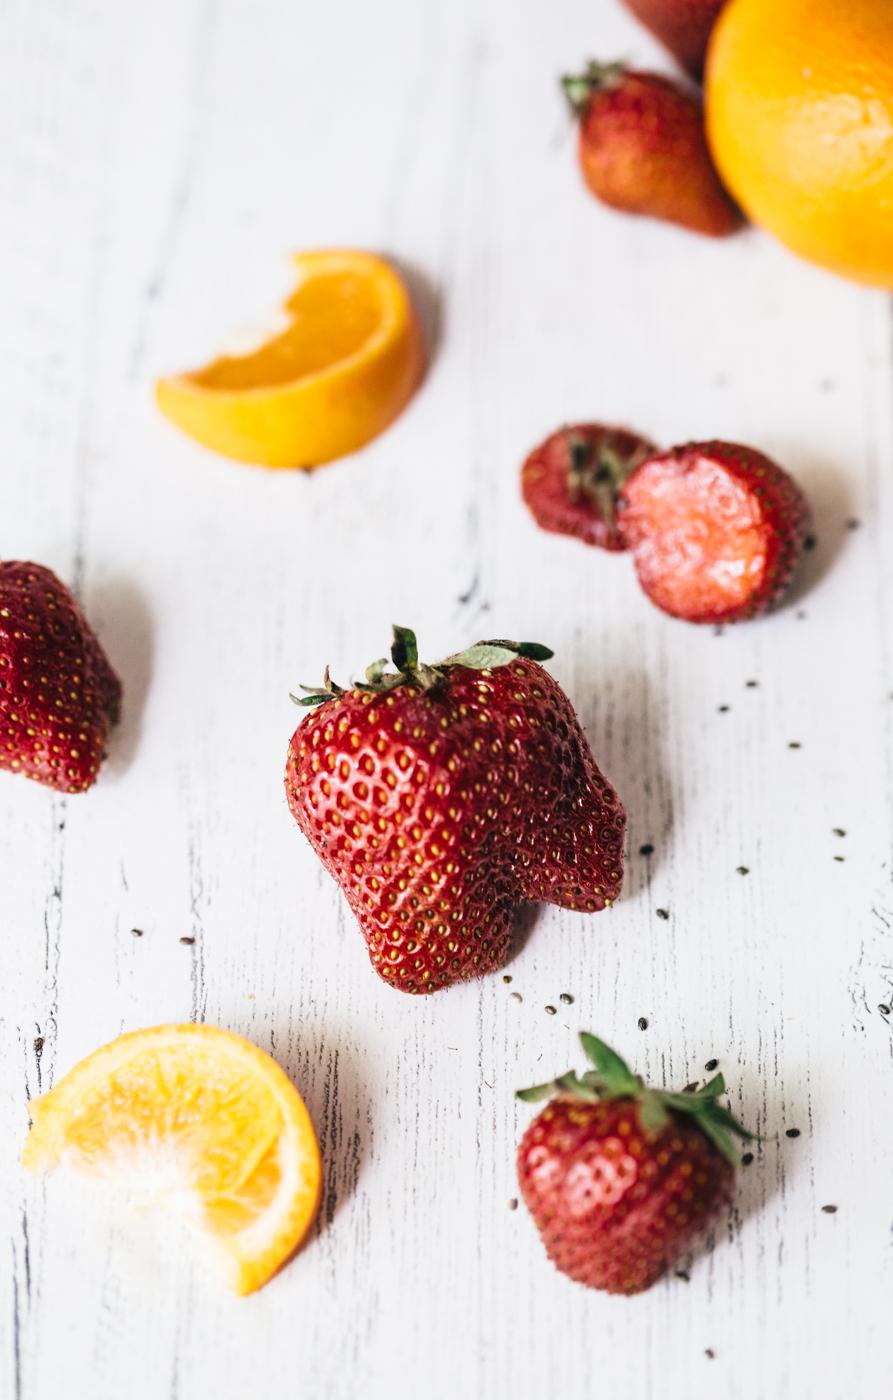 strawberry orange chia jam, homemade strawberry jam, homemade jam, how to make jam, lifestyle blog